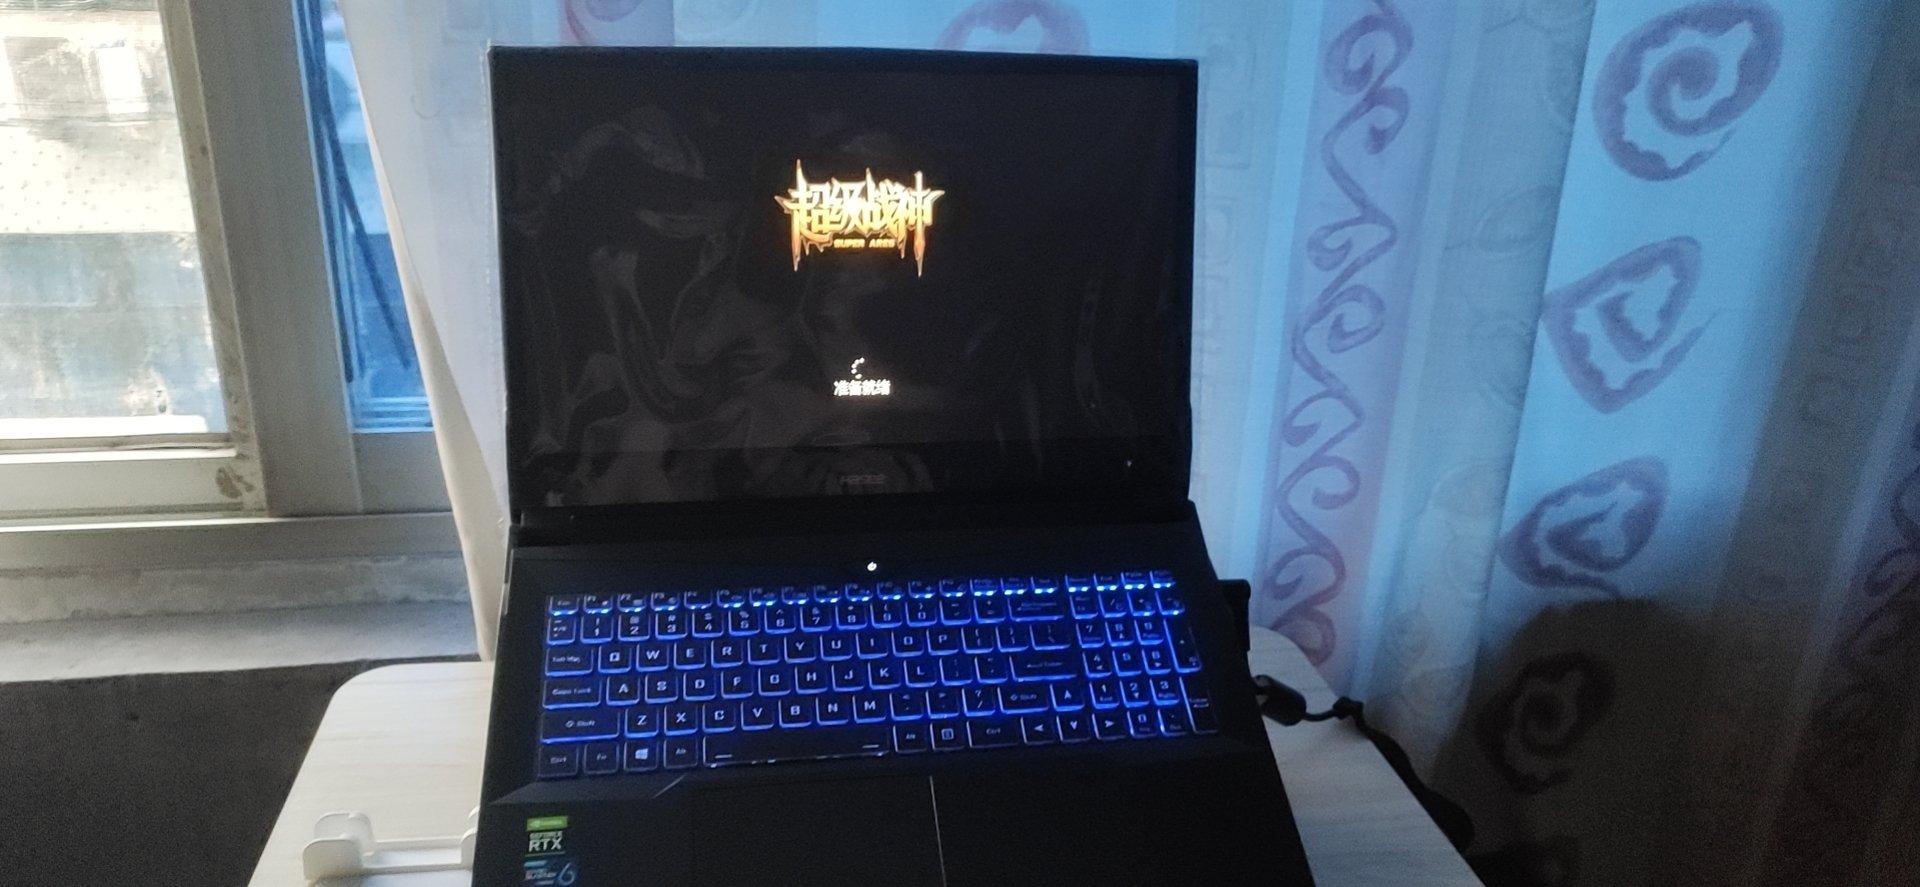 神舟战神16.1英寸笔记本,大屏幕玩游戏体验更好